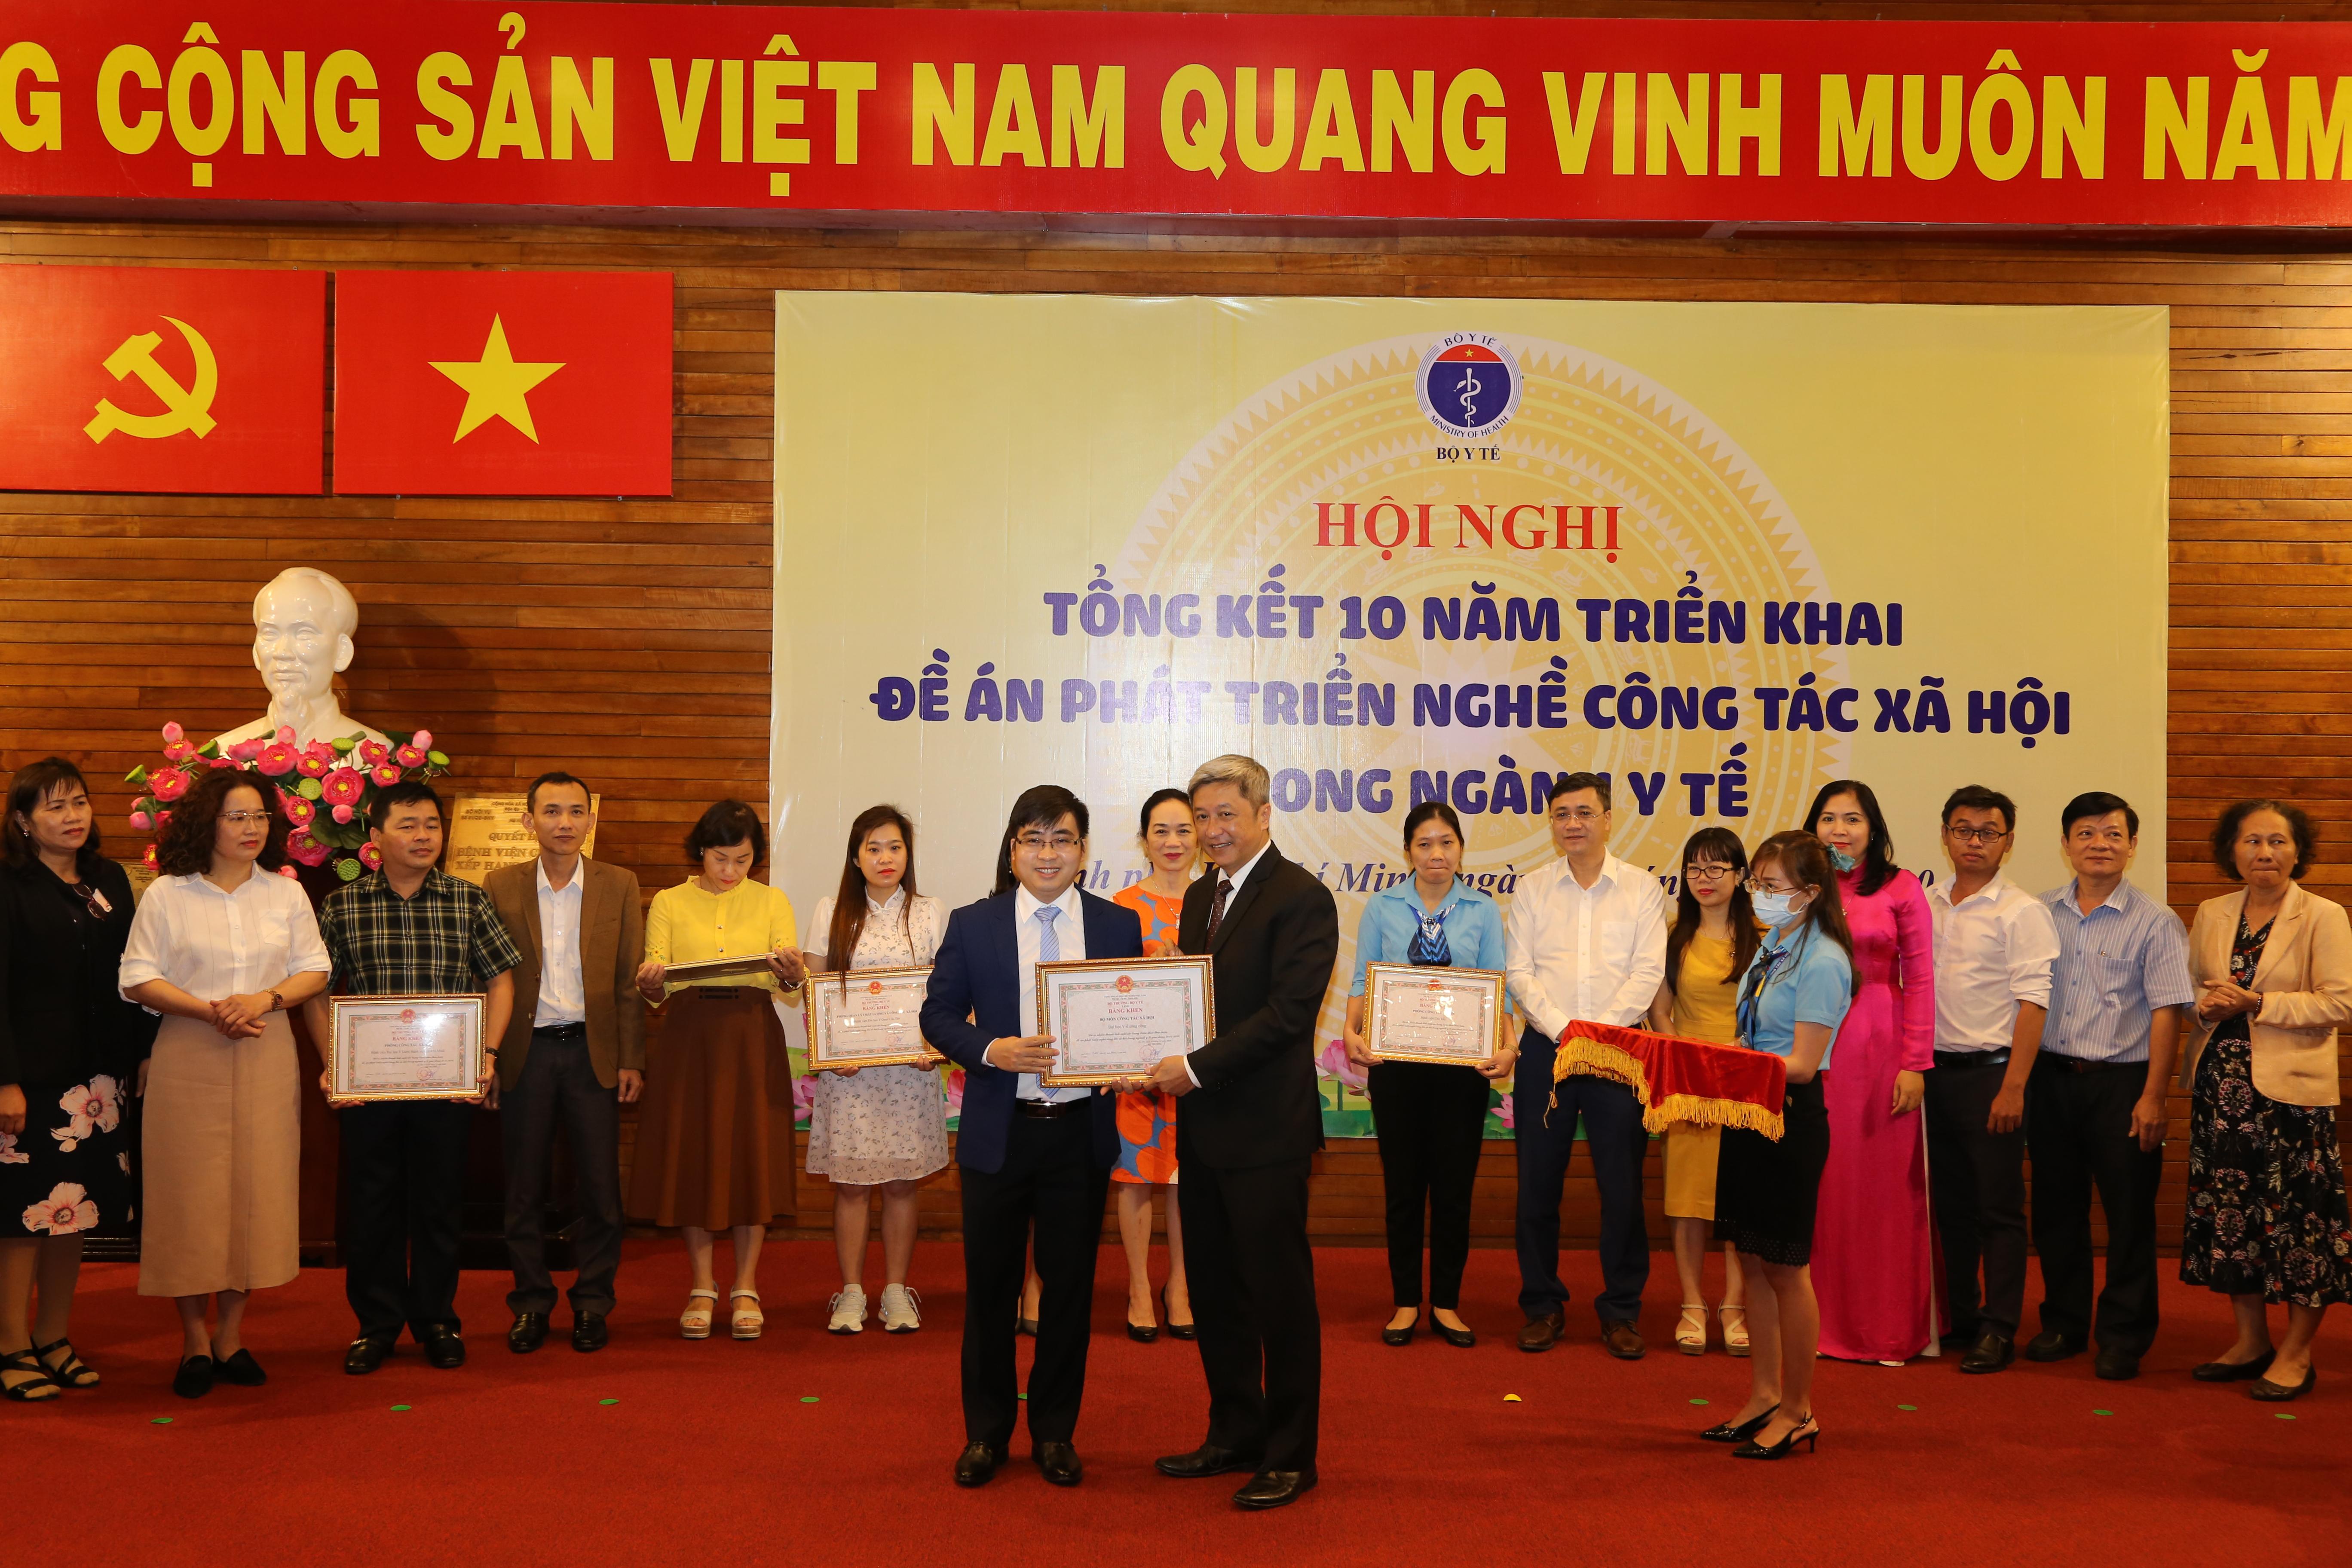 Tập thể Bộ môn Công tác xã hội và TS. Phạm Tiến Nam nhận bằng khen của Bộ trưởng Bộ Y tế.